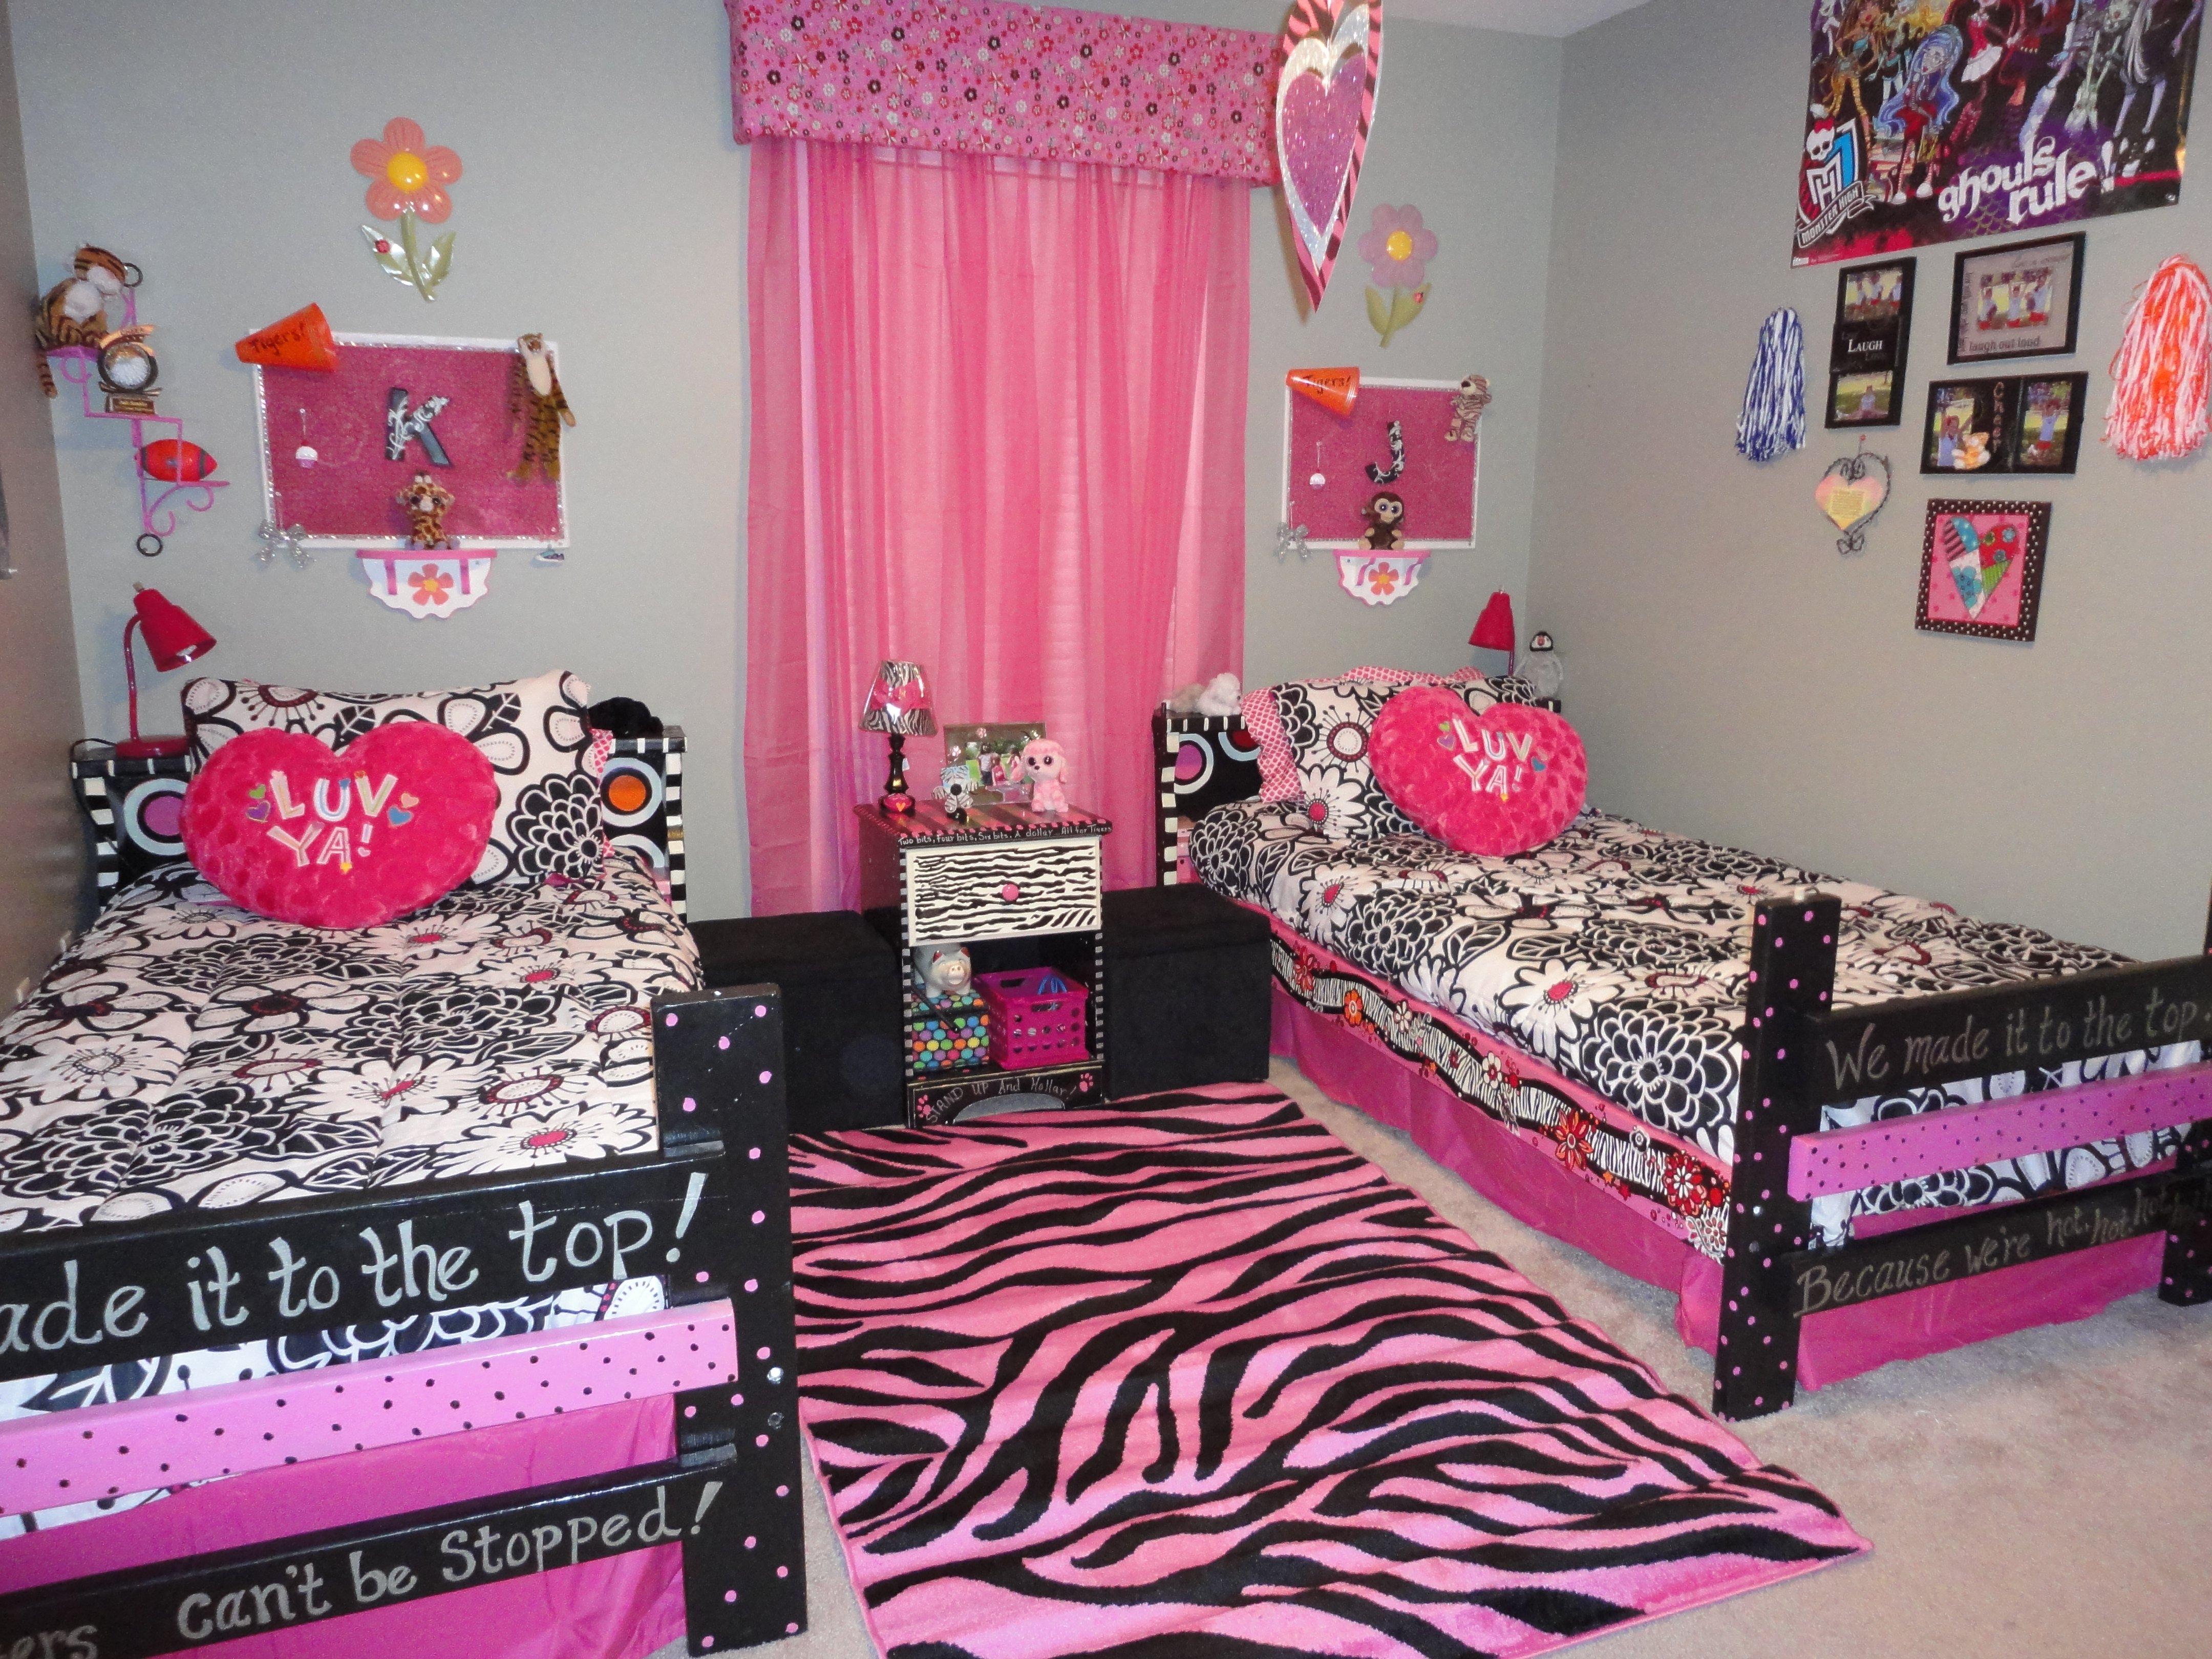 10 Trendy Monster High Bedroom Decorating Ideas monster high room for girls home decor pinterest monster high